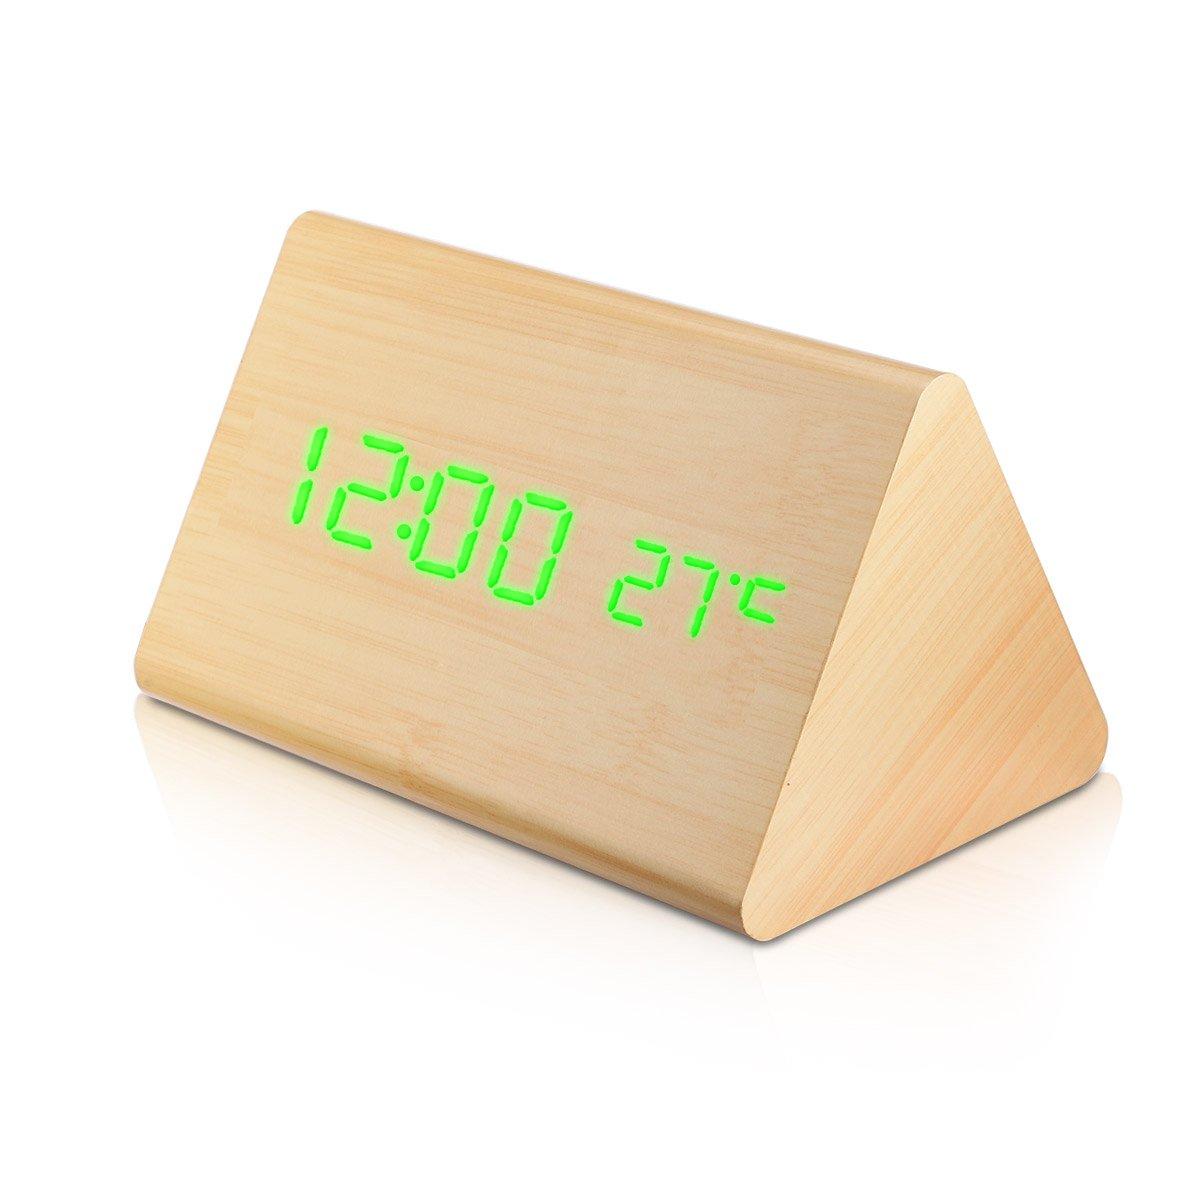 AFAITH Sveglia digitale a LED in legno, visualizza la data dell'orario e la temperatura del triangolo a forma di legno auricolare per bambini, casa, ufficio, vita quotidiana, sospensioni pesanti - Darkwood - SA078B